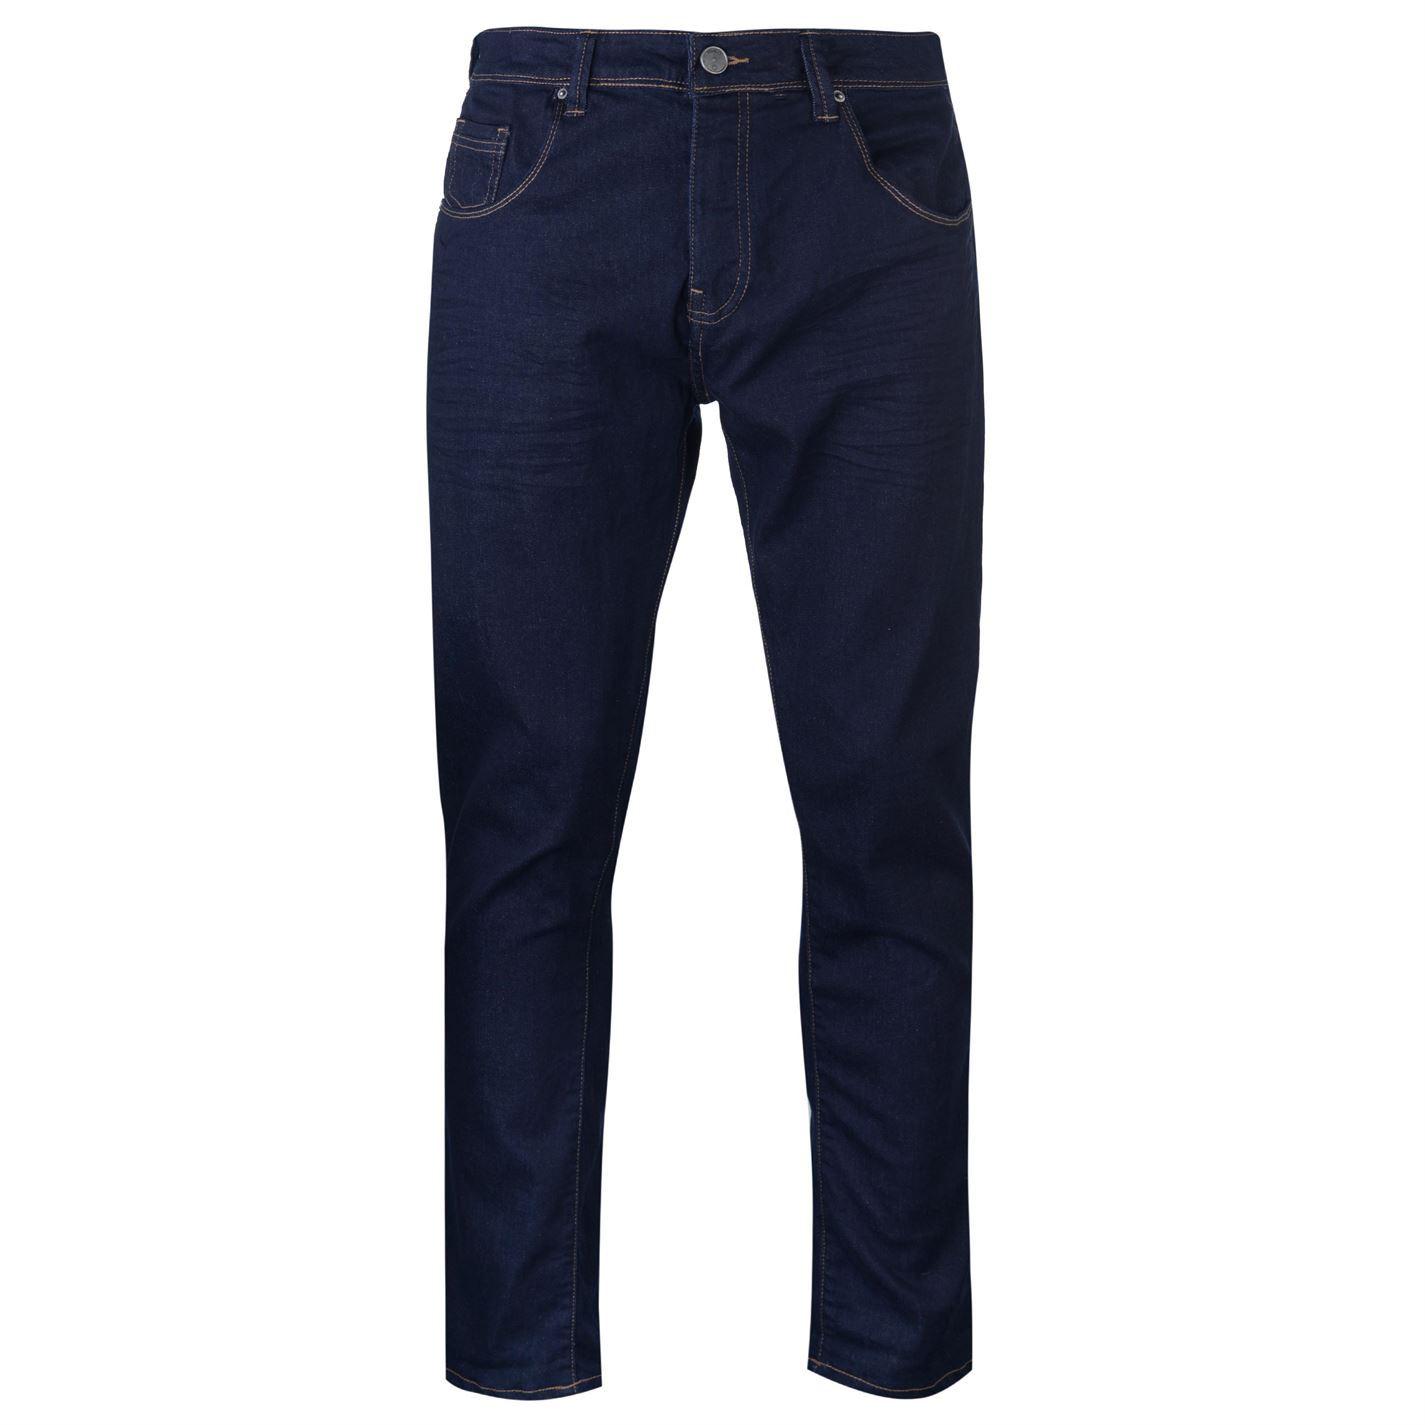 Jeans in Denim 883 Police Moriarty Da Uomo Uomo Uomo Pantaloni Pants 54488b